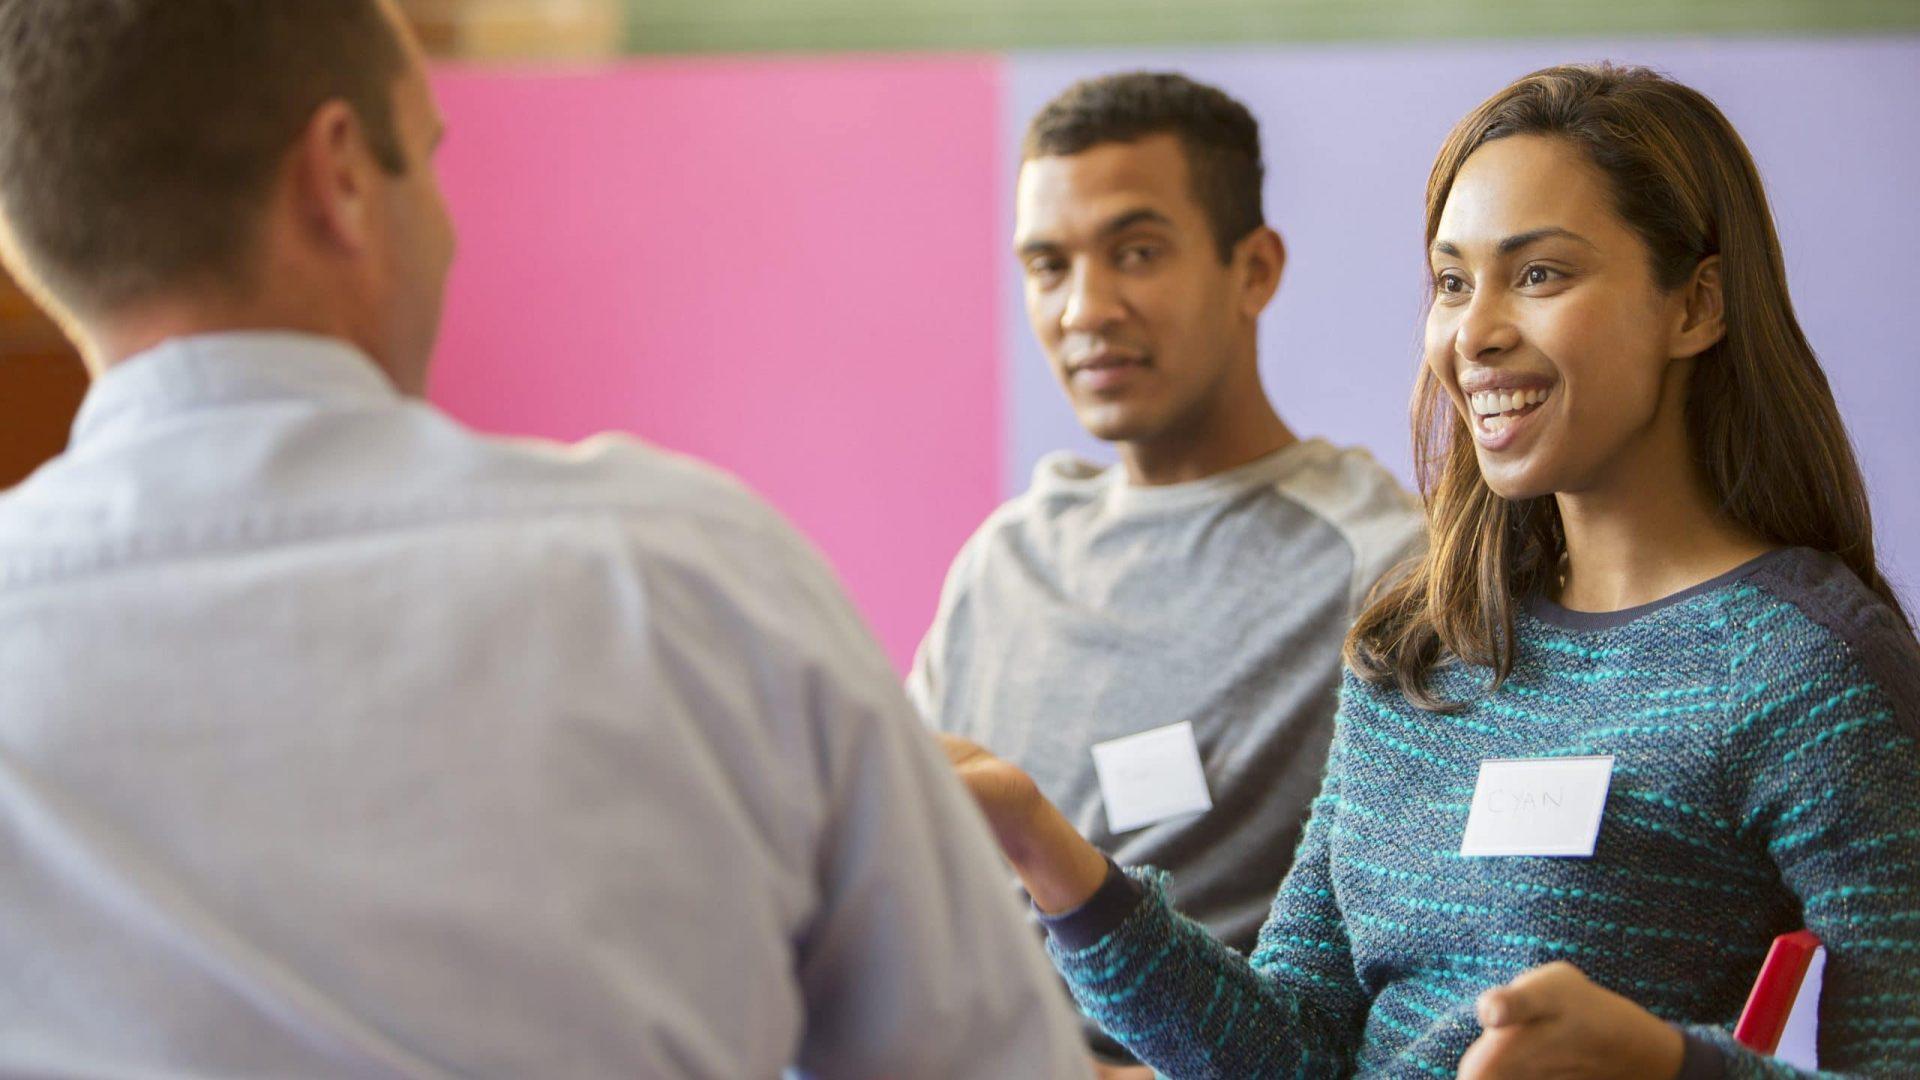 Woman speaking in meeting